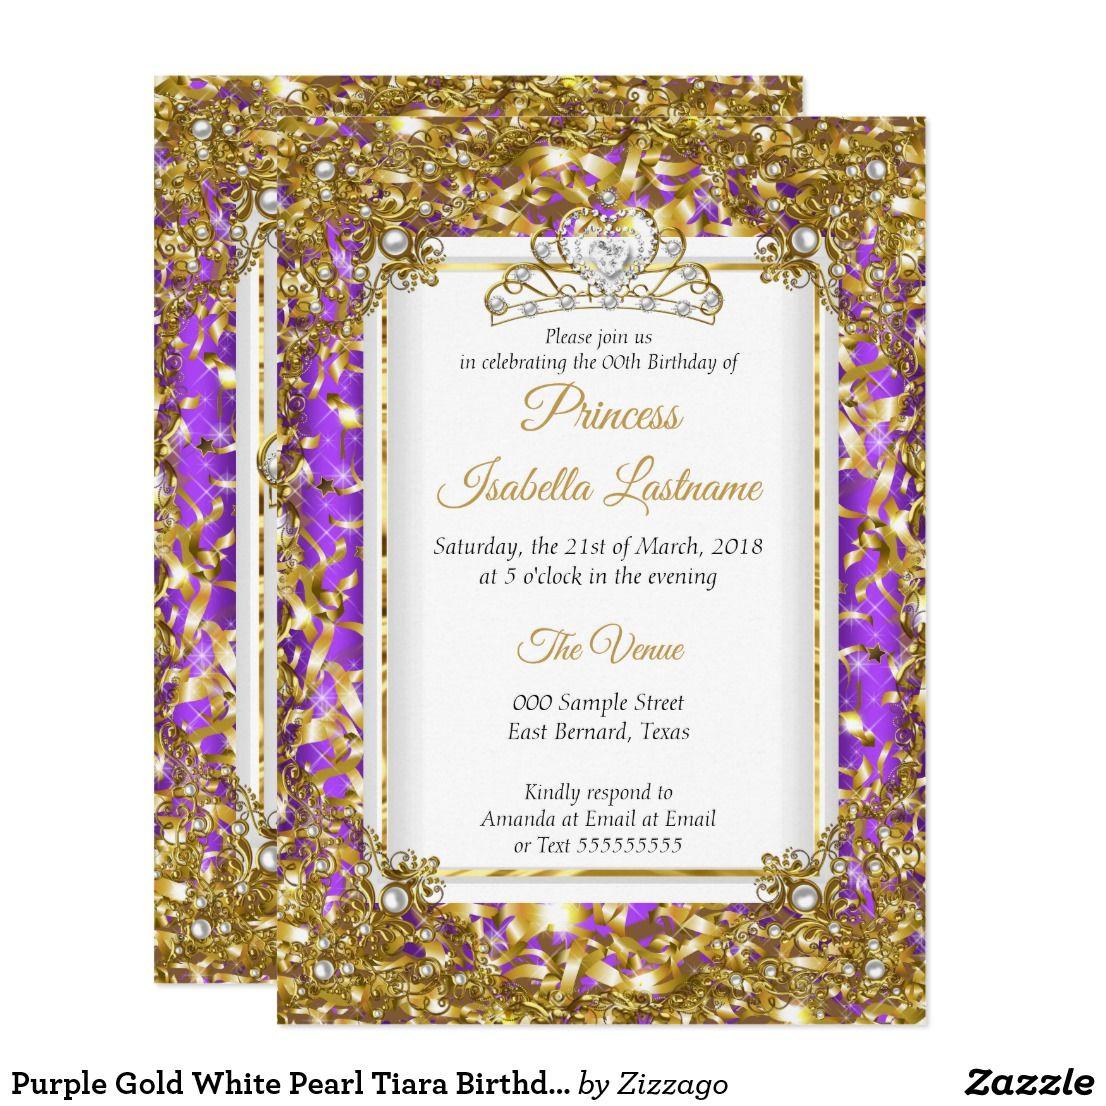 purple gold white pearl tiara birthday